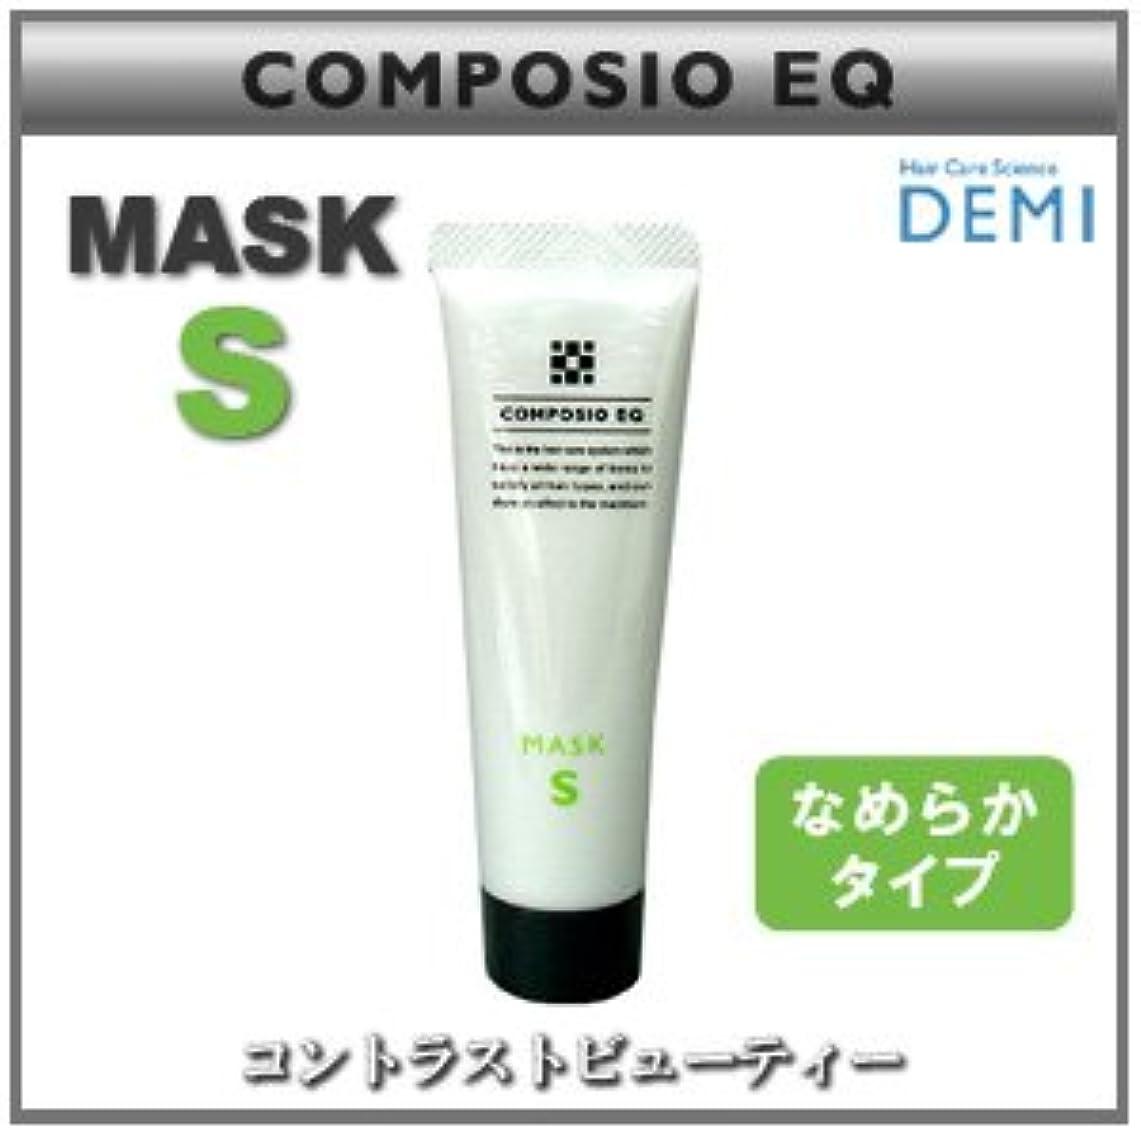 文明南東入札【X3個セット】 デミ コンポジオ EQ マスク S 50g